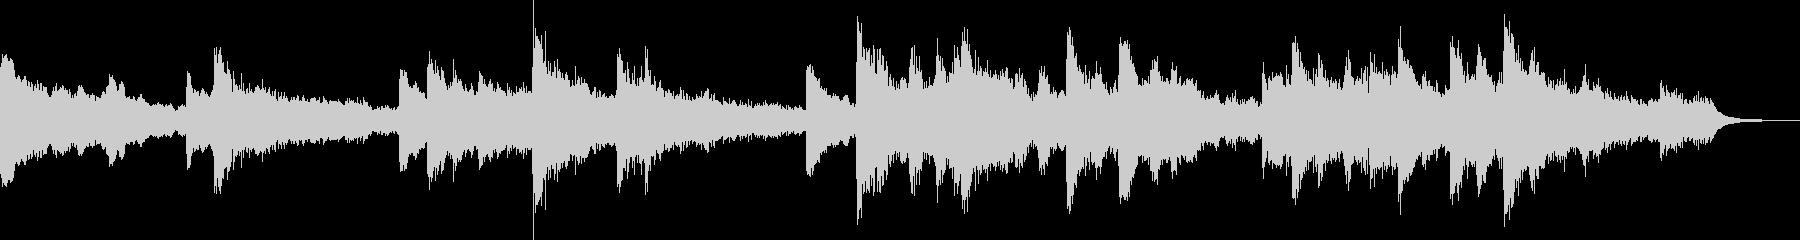 暗く切ない雰囲気のピアノジングルの未再生の波形